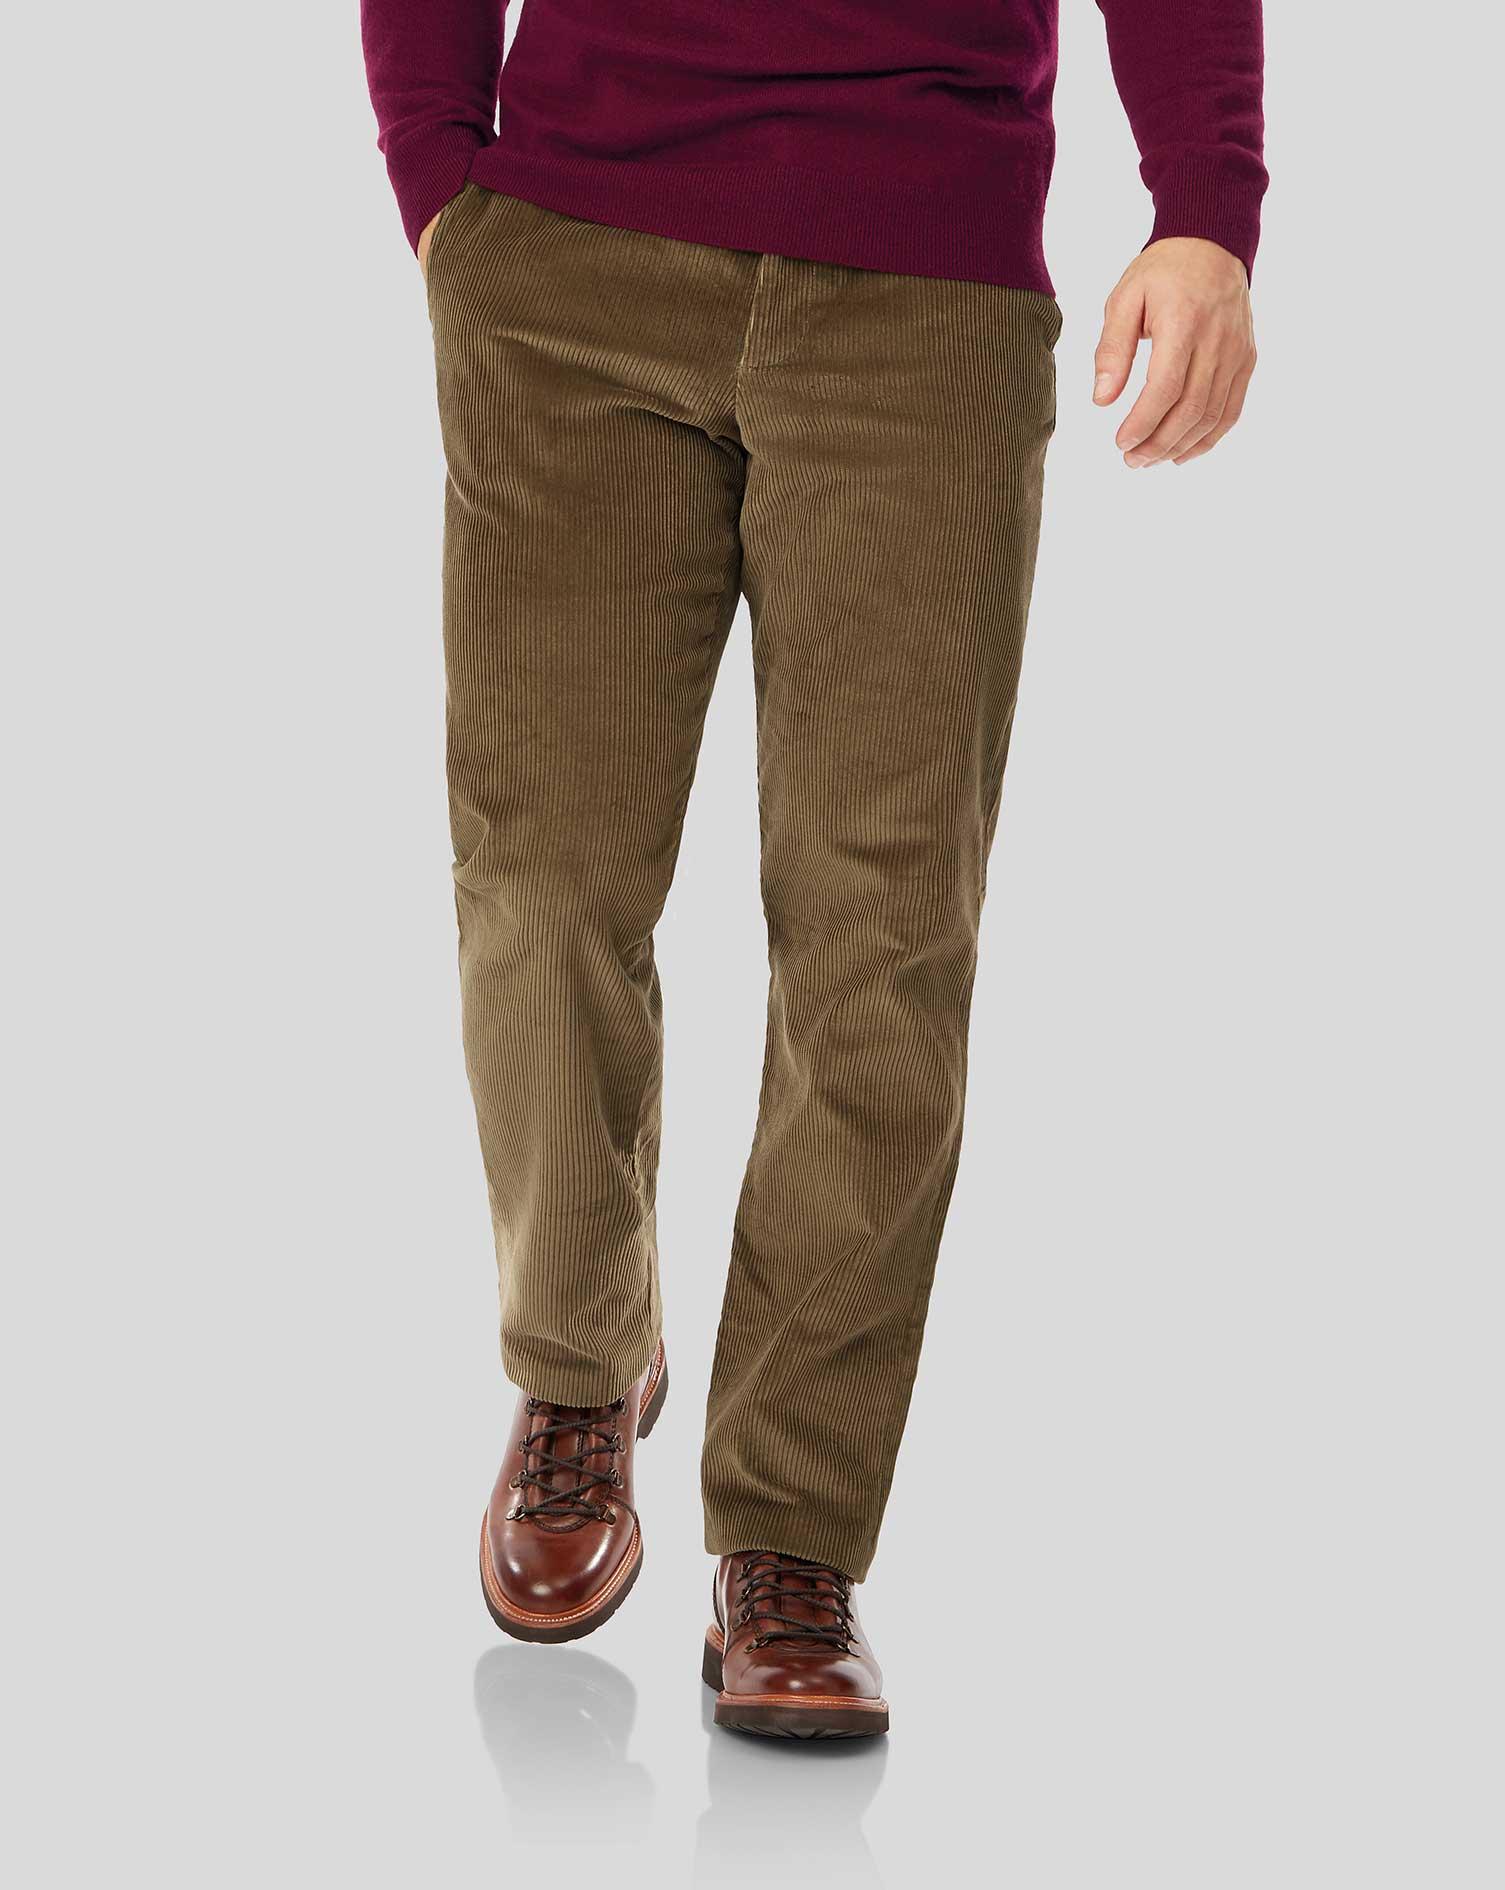 Cotton Tan Jumbo Cord Trousers